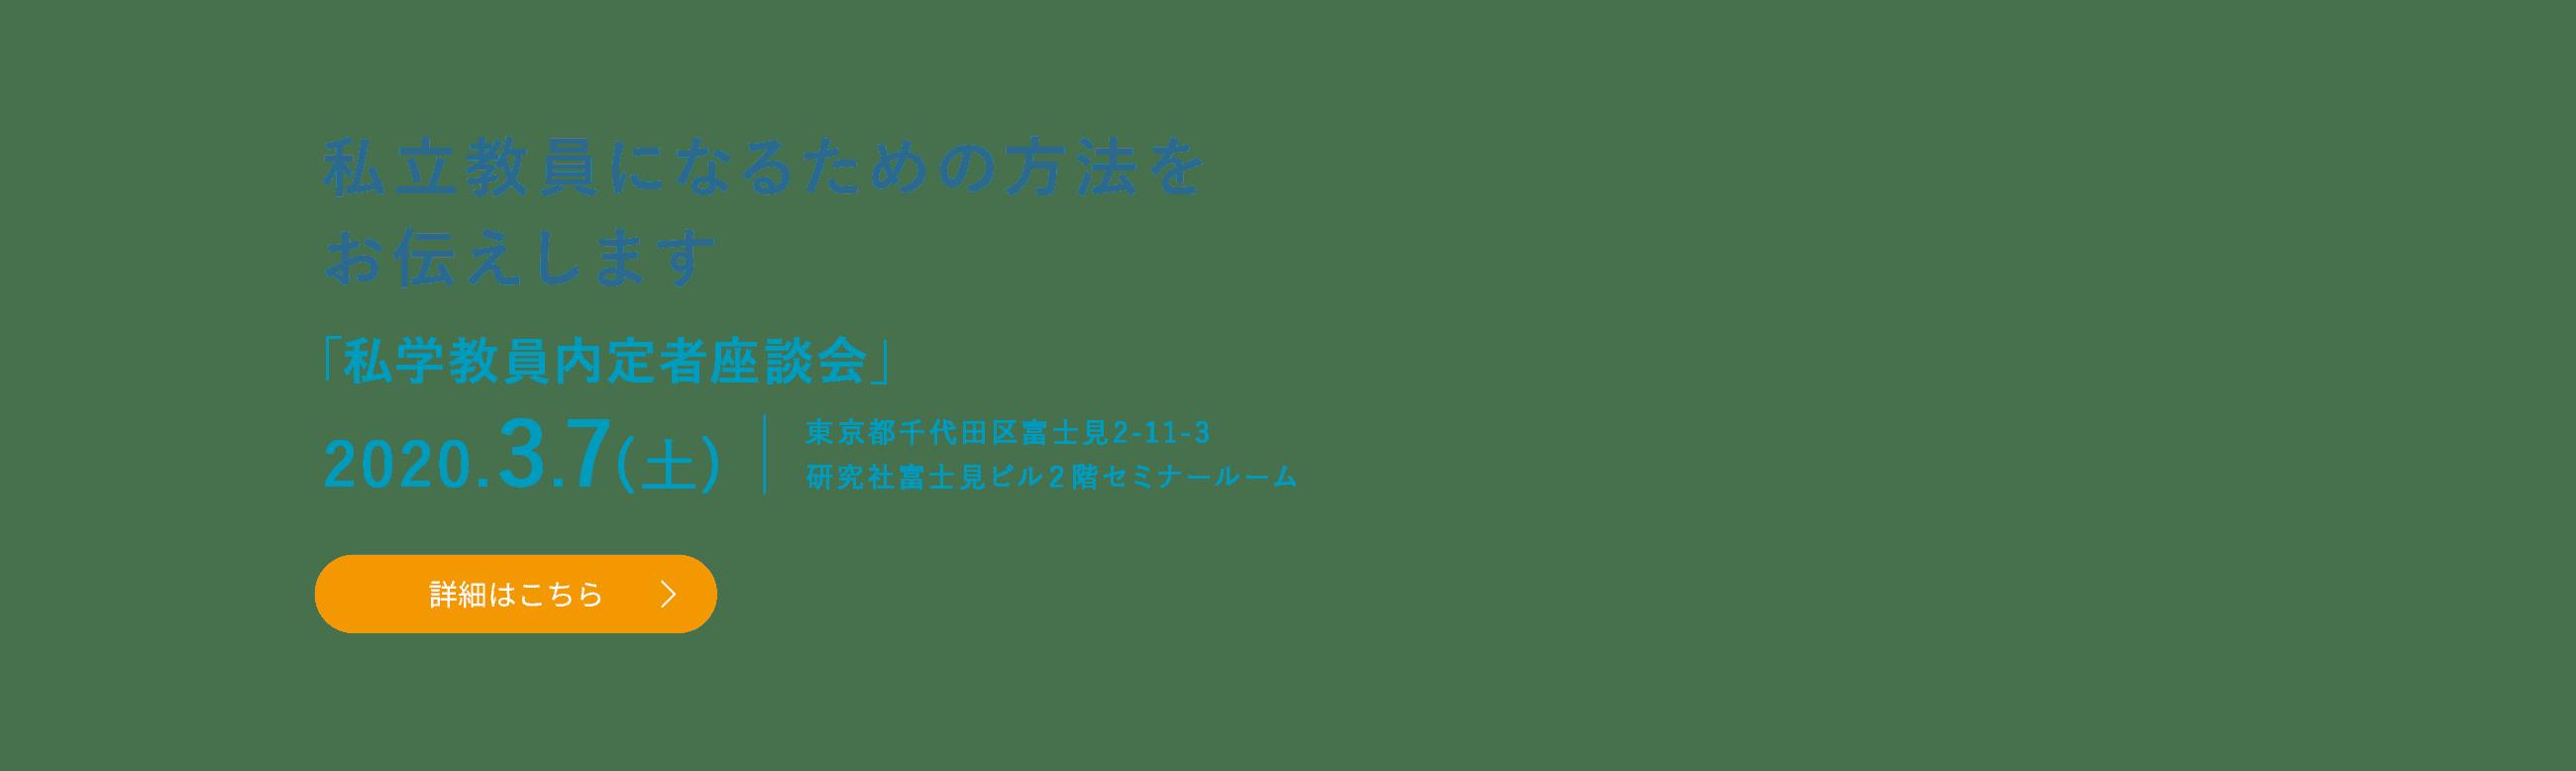 私学教員内定者座談会 2020.3.7(土)